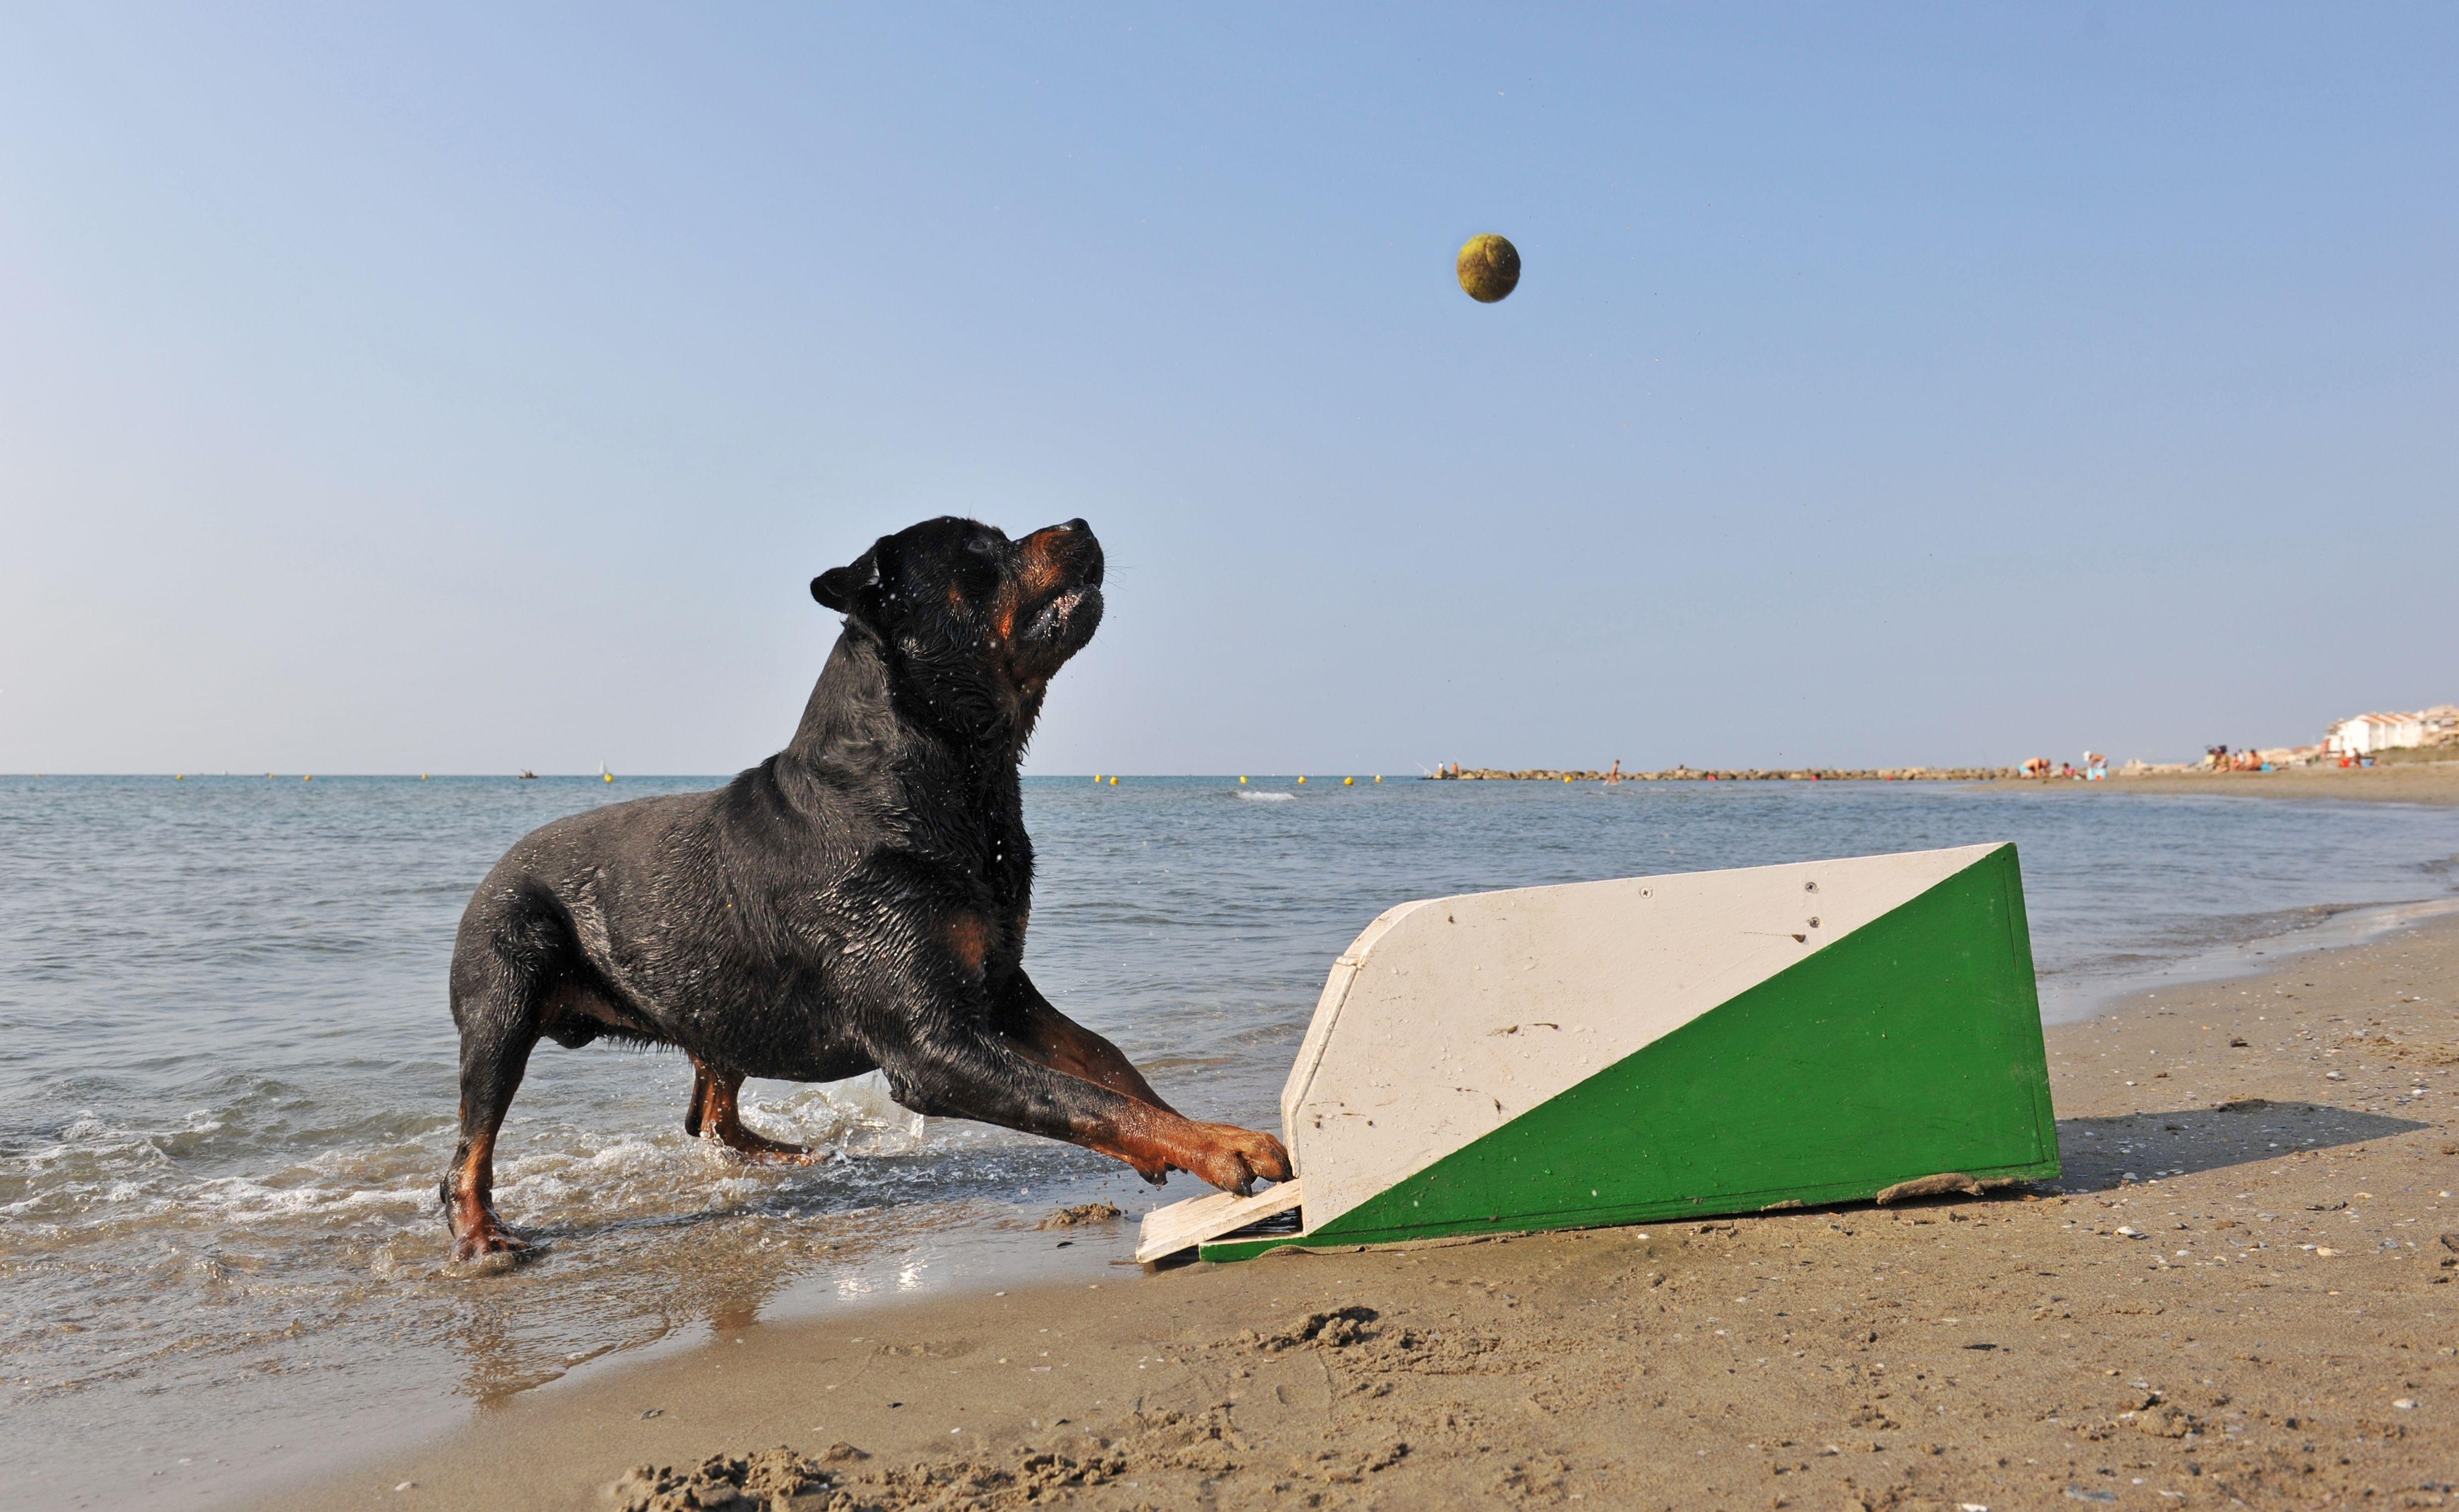 Vacances avec son chienen bateau : quelles précautions?